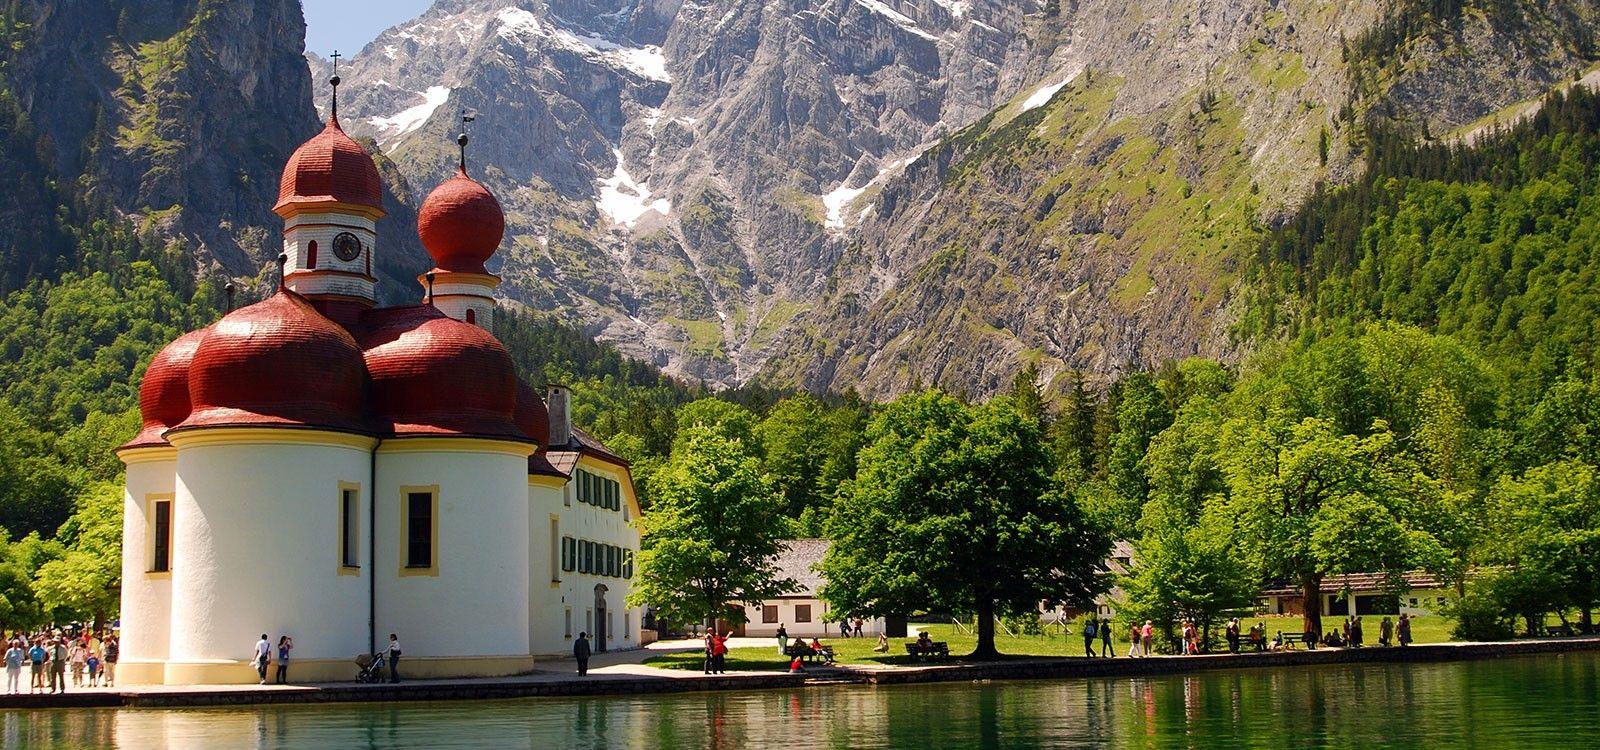 Tourismus Info Schonau Am Konigssee In The Berchtesgadener Land Kurzurlaub Kurztrip